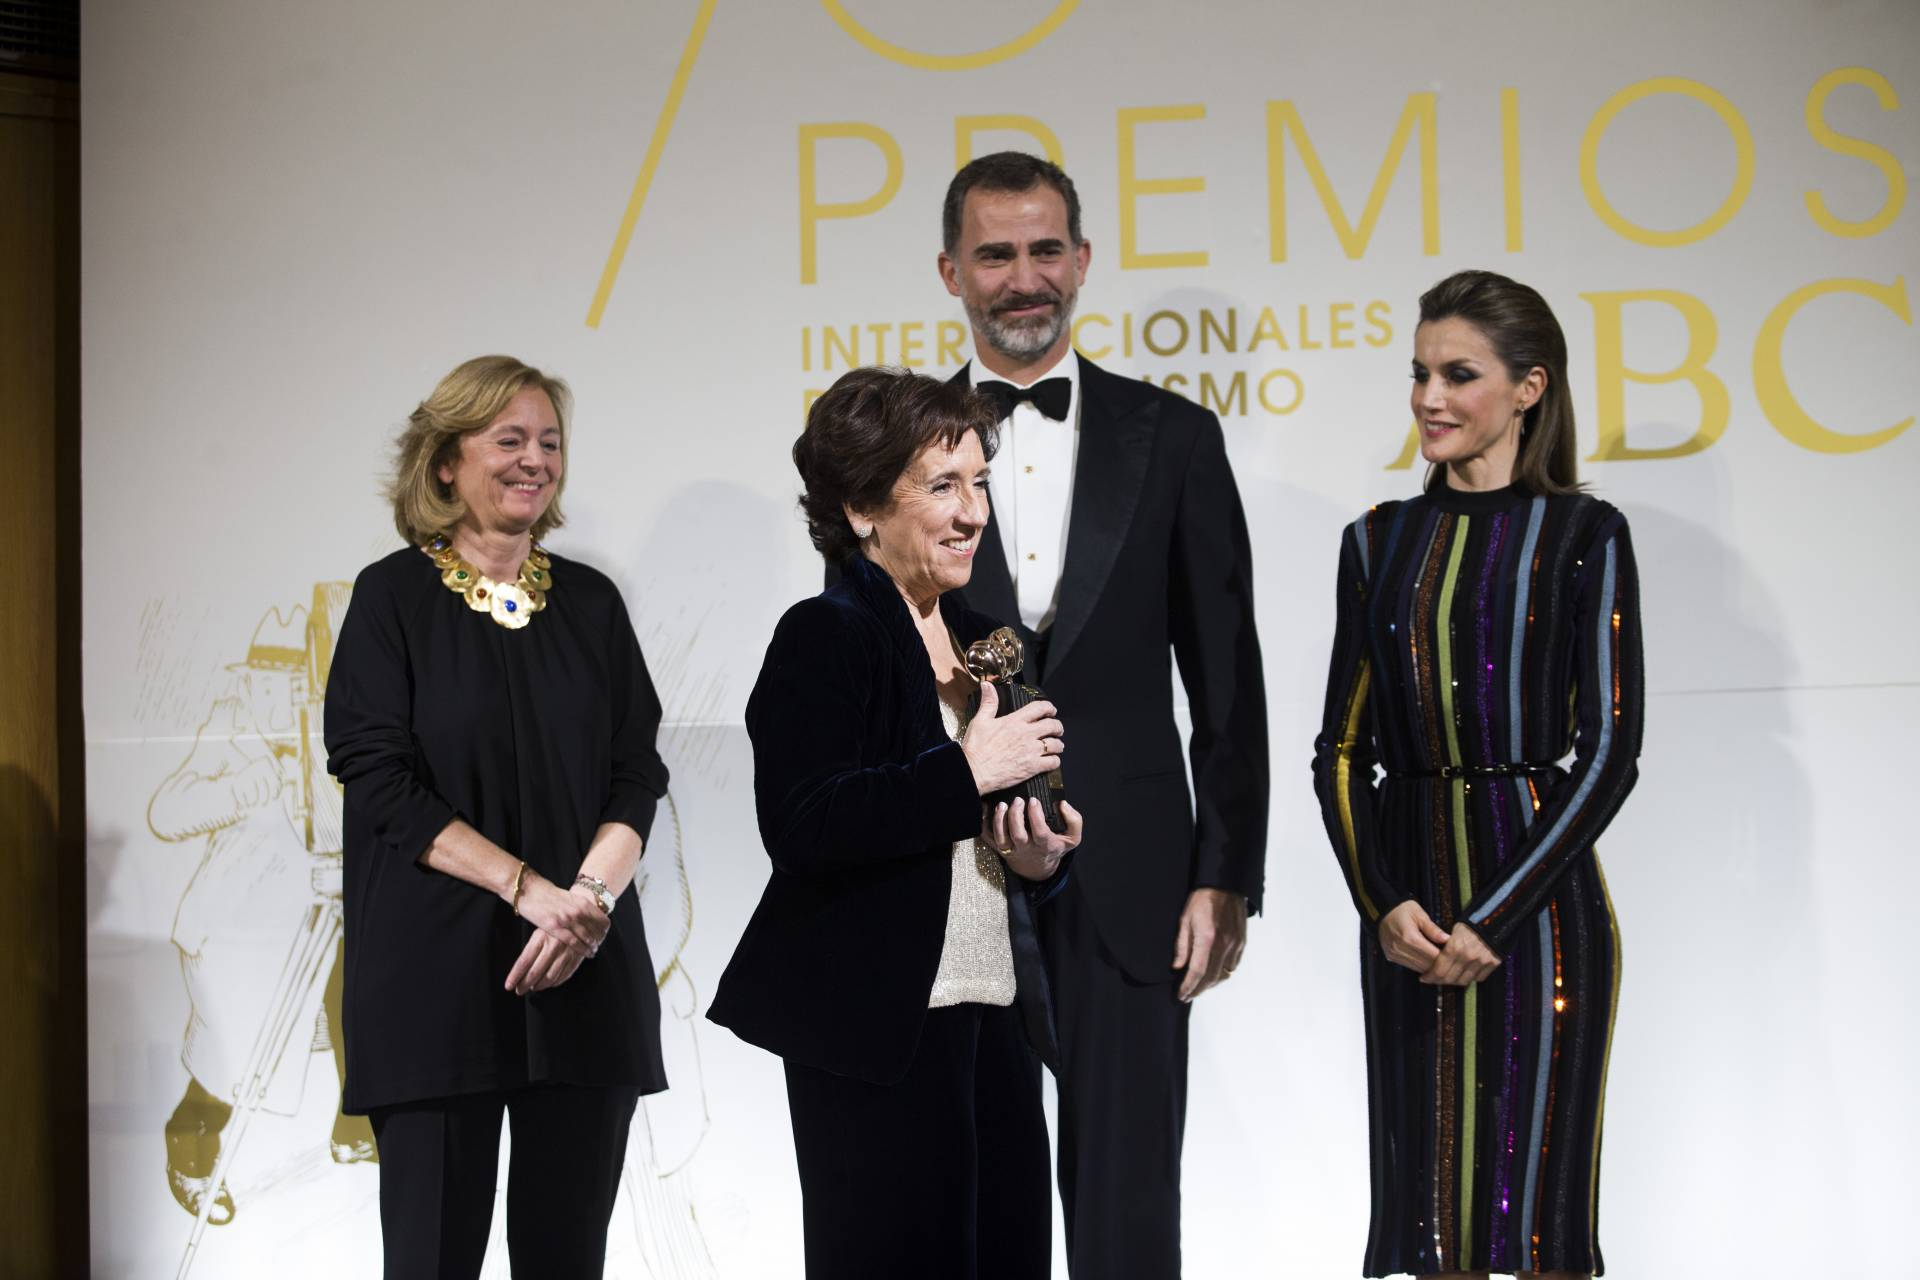 Victoria Prego recoge el premio Luca de Tena junto a los Reyes y Catalina Luca de Tena, editora de ABC.